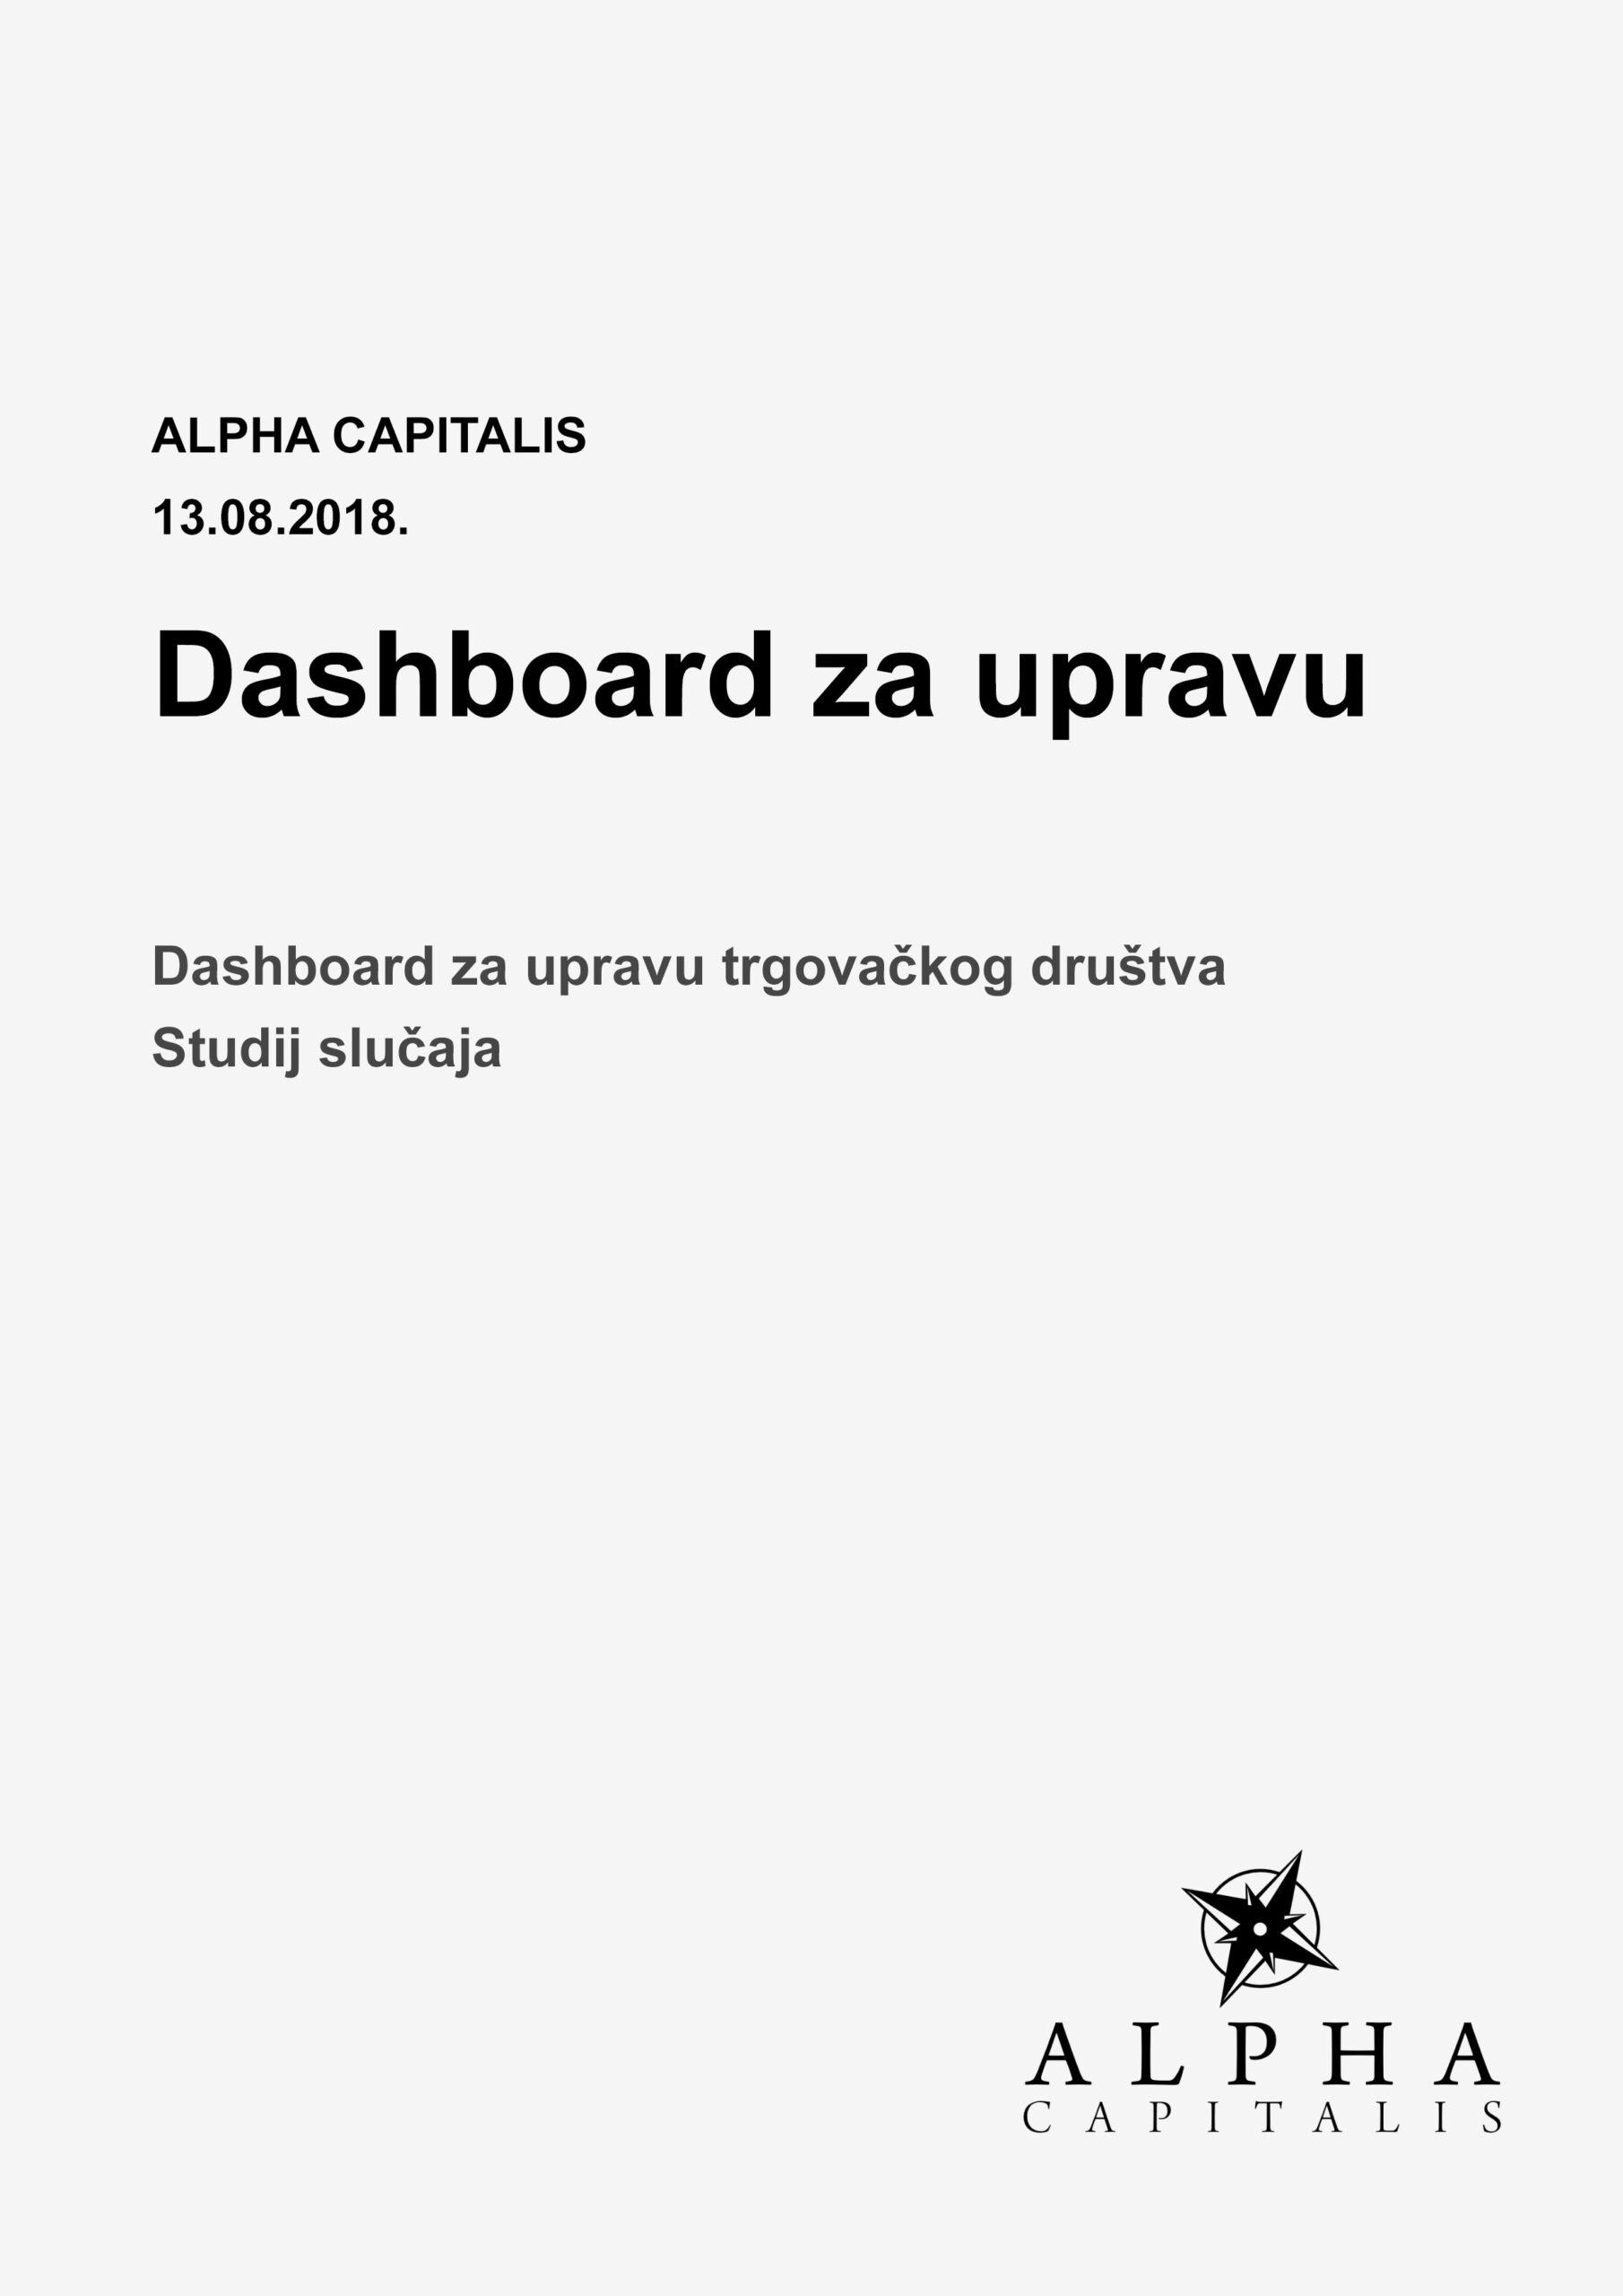 Alpha-capitalis-dashboard-za-upravu-studij-slučaja